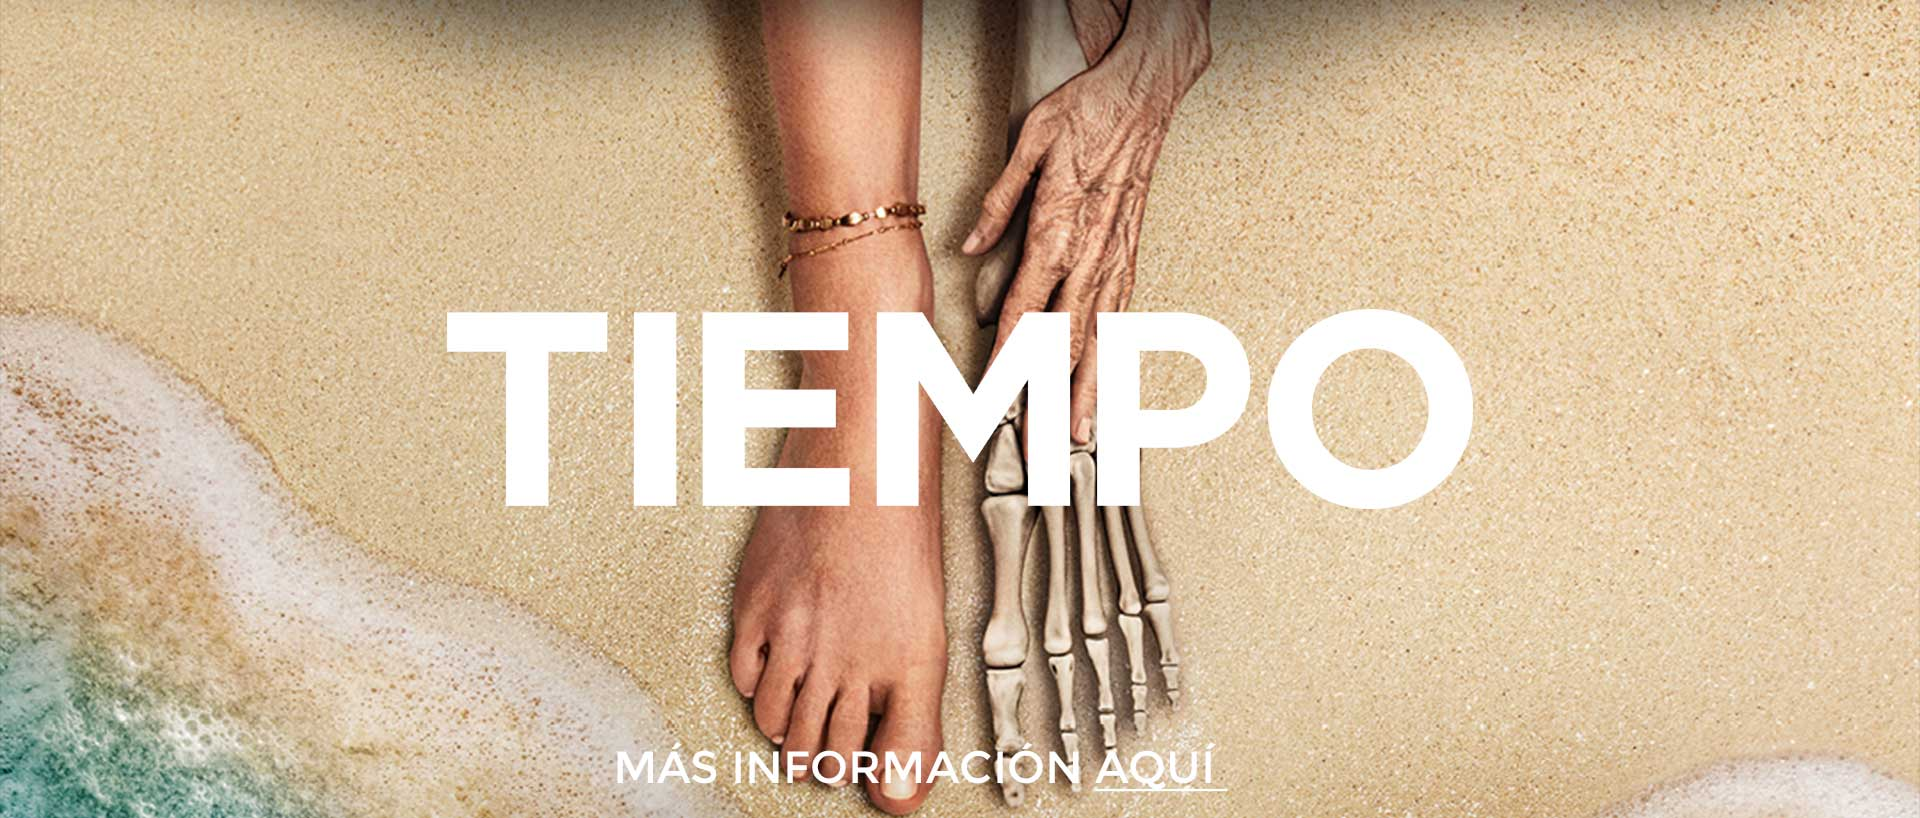 Mill-Portada-Noticia-Tiempo.jpg